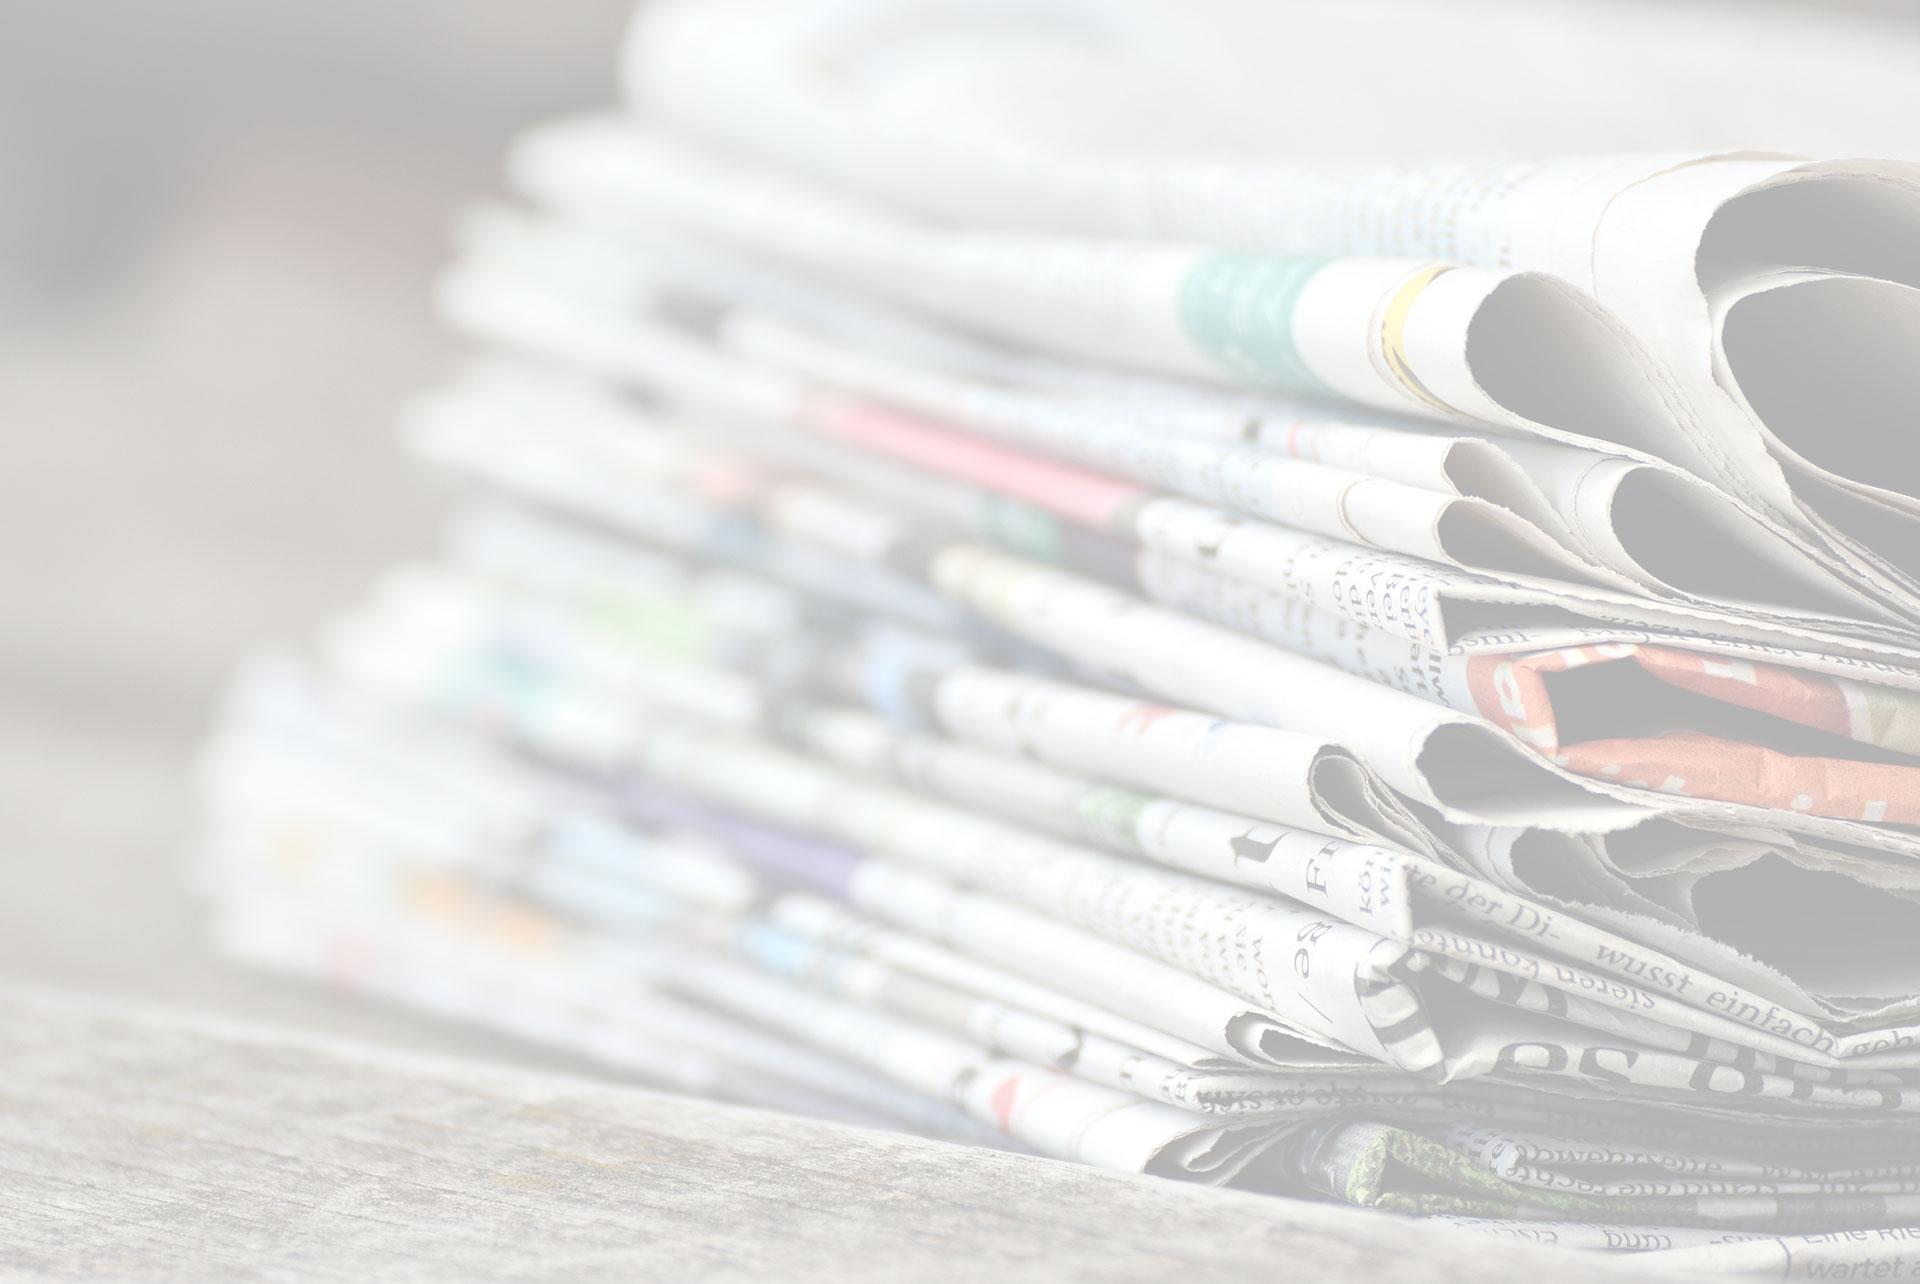 Follia a Hong Kong: video porno sullo schermo dell'Ikea: mamme e figlie in fuga